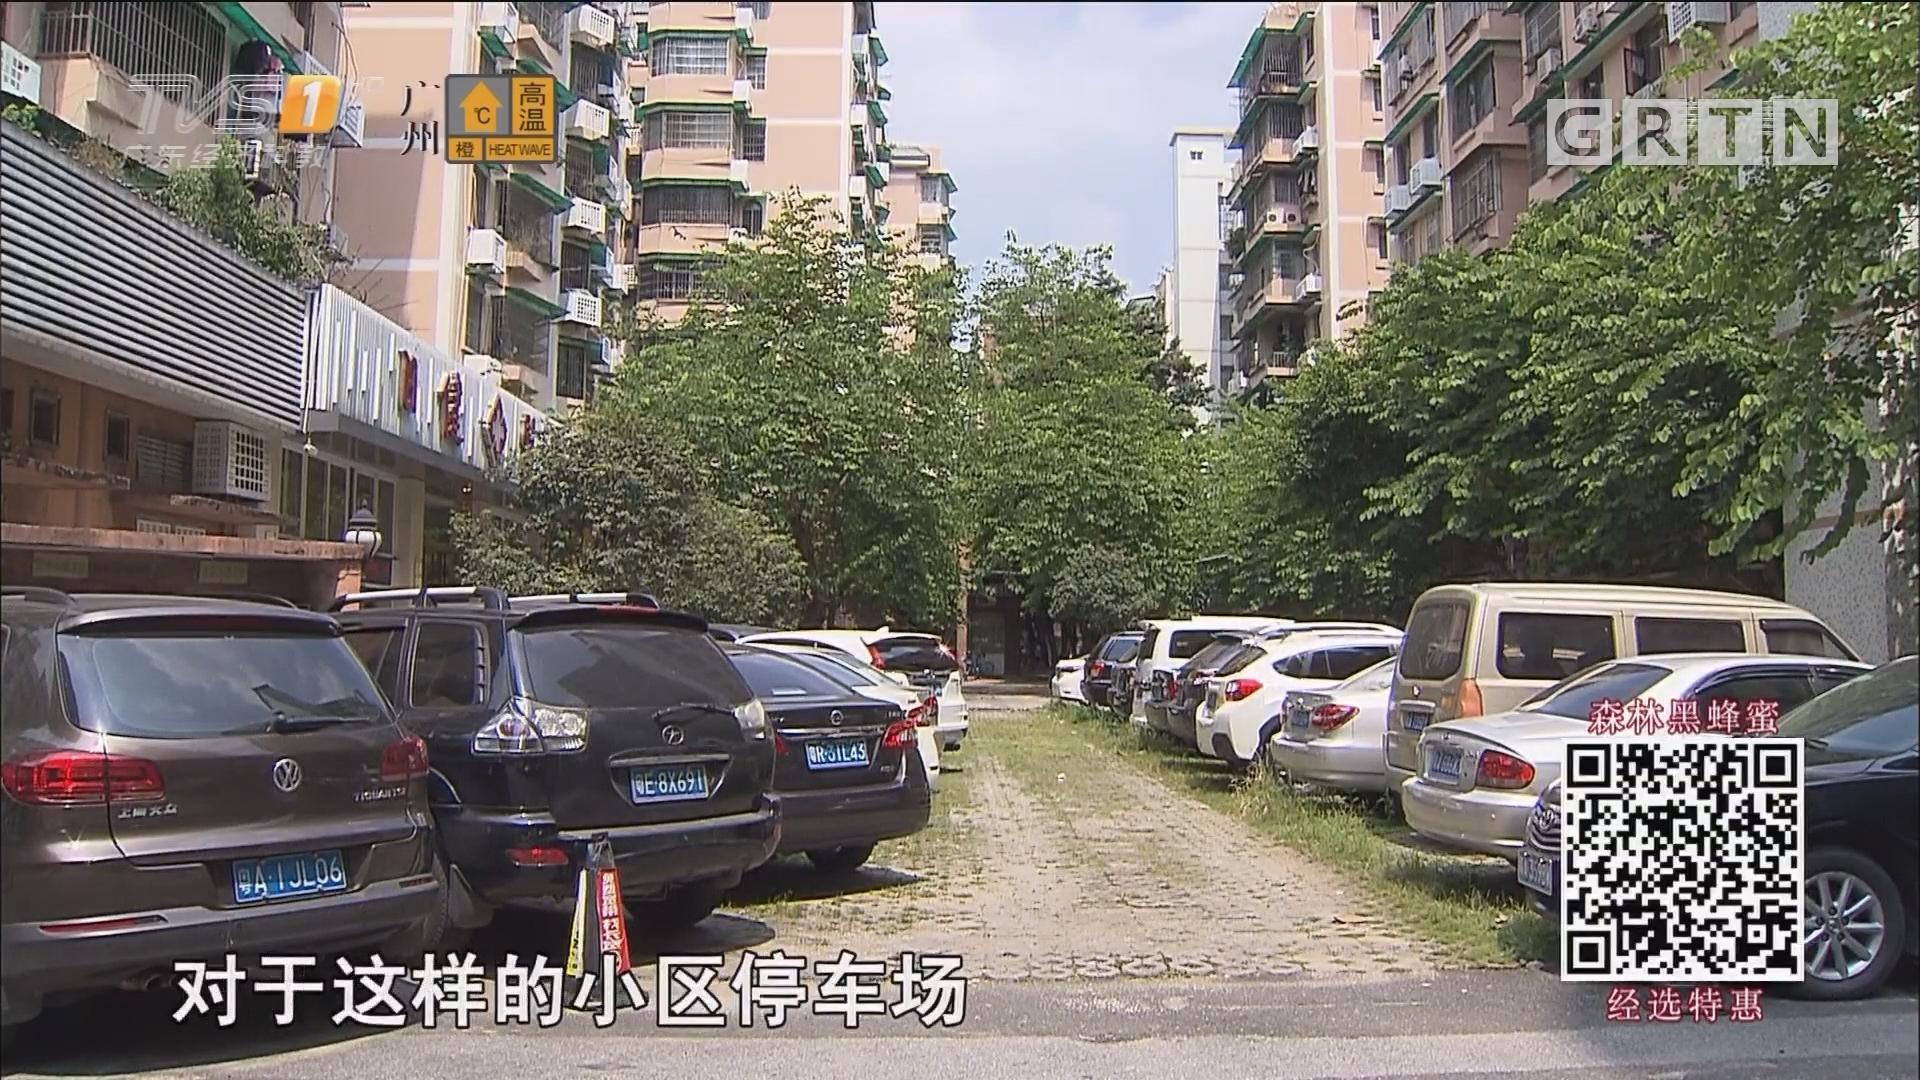 住宅停车场收费调查发布 停车费大幅上涨引热议